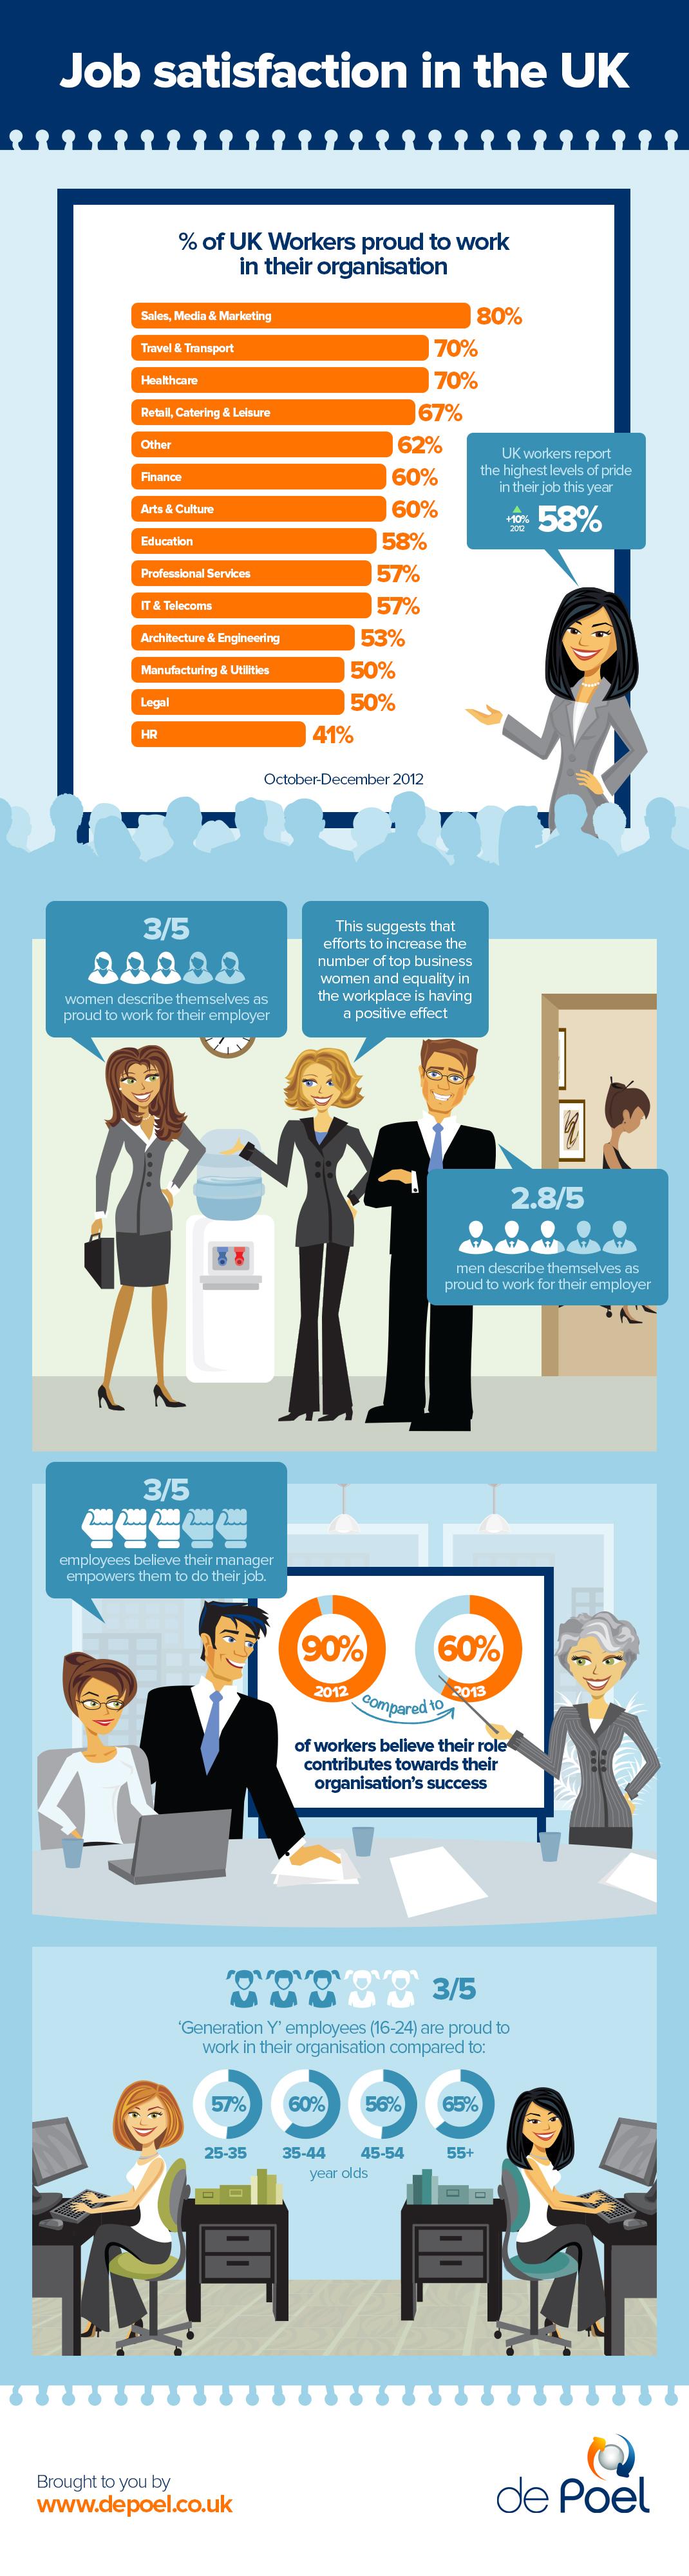 job-satisfaction-in-the-uk_525c5d7ed6229